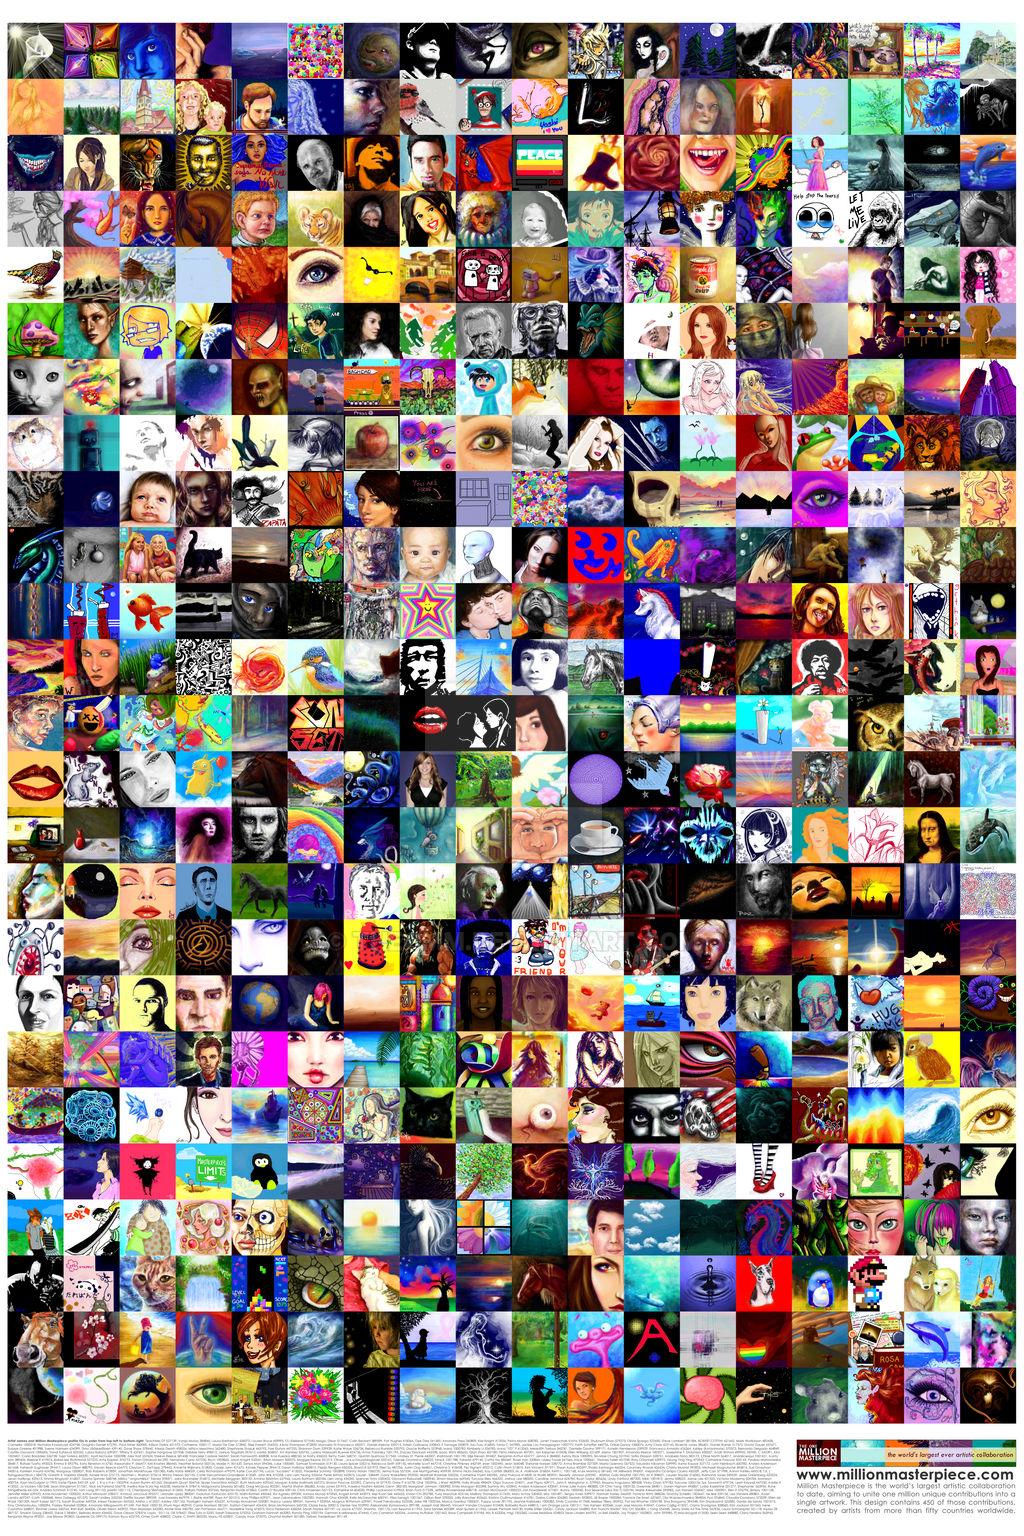 Million Masterpiece Mosaic